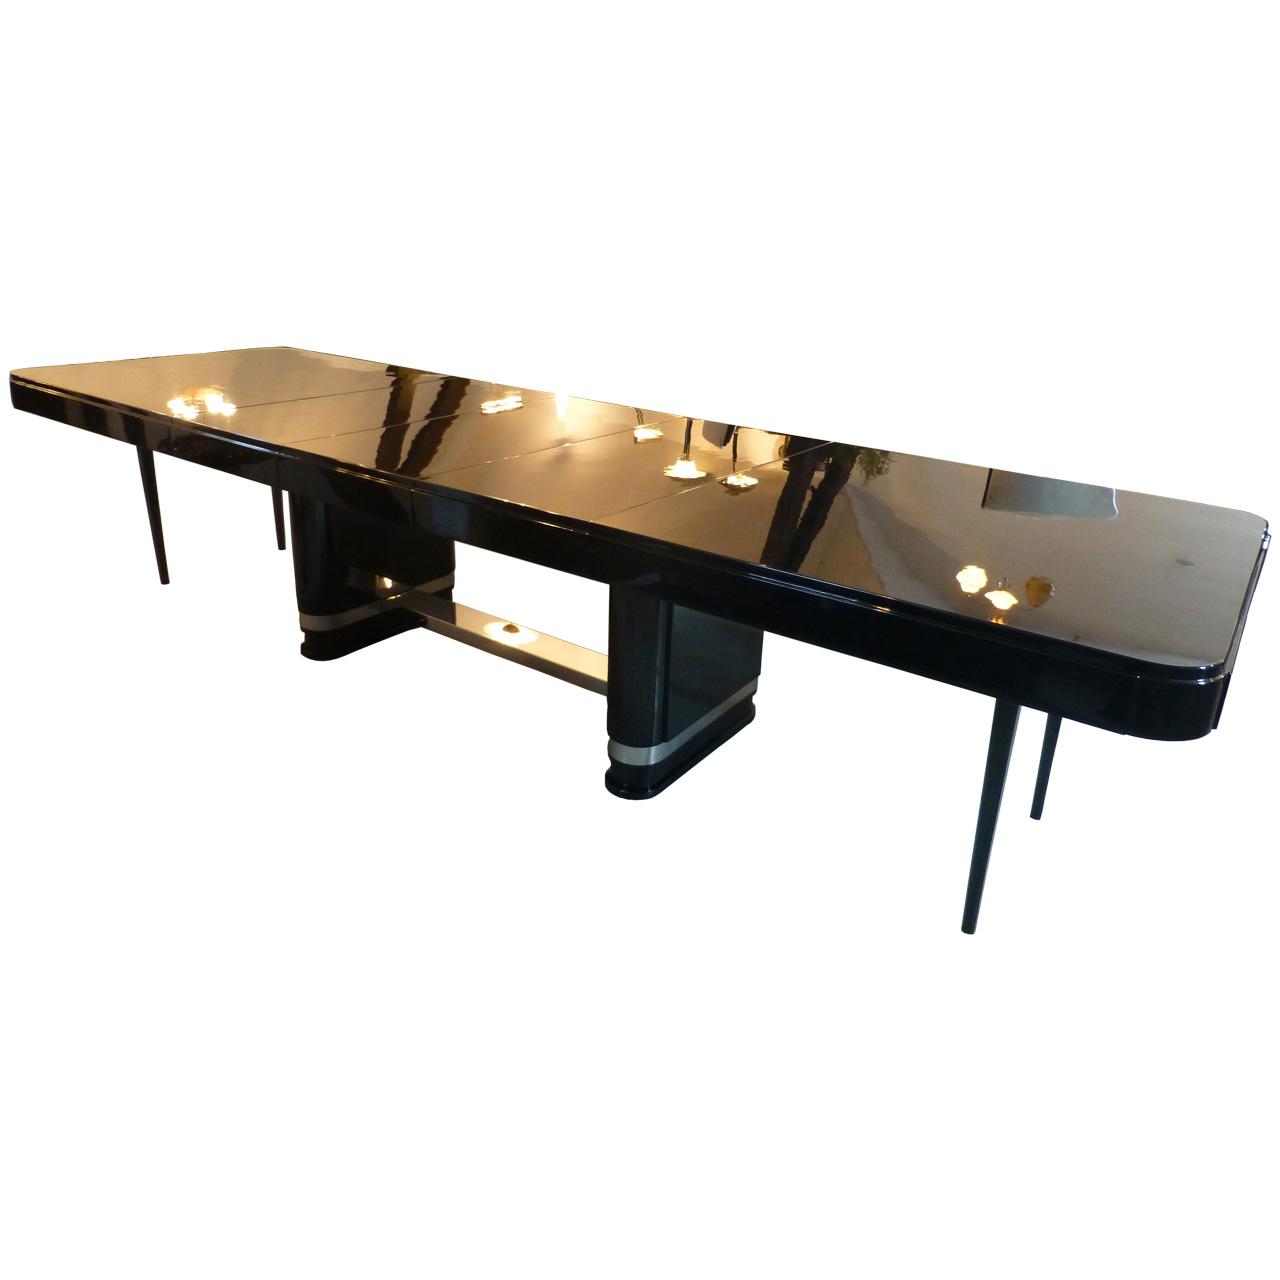 3294 Originaler Art Deco Tisch mit 3 Einlegeplatten bis 370 cm ausziehbar, Frankreich 1930er Jahre, hochwertig restauriert